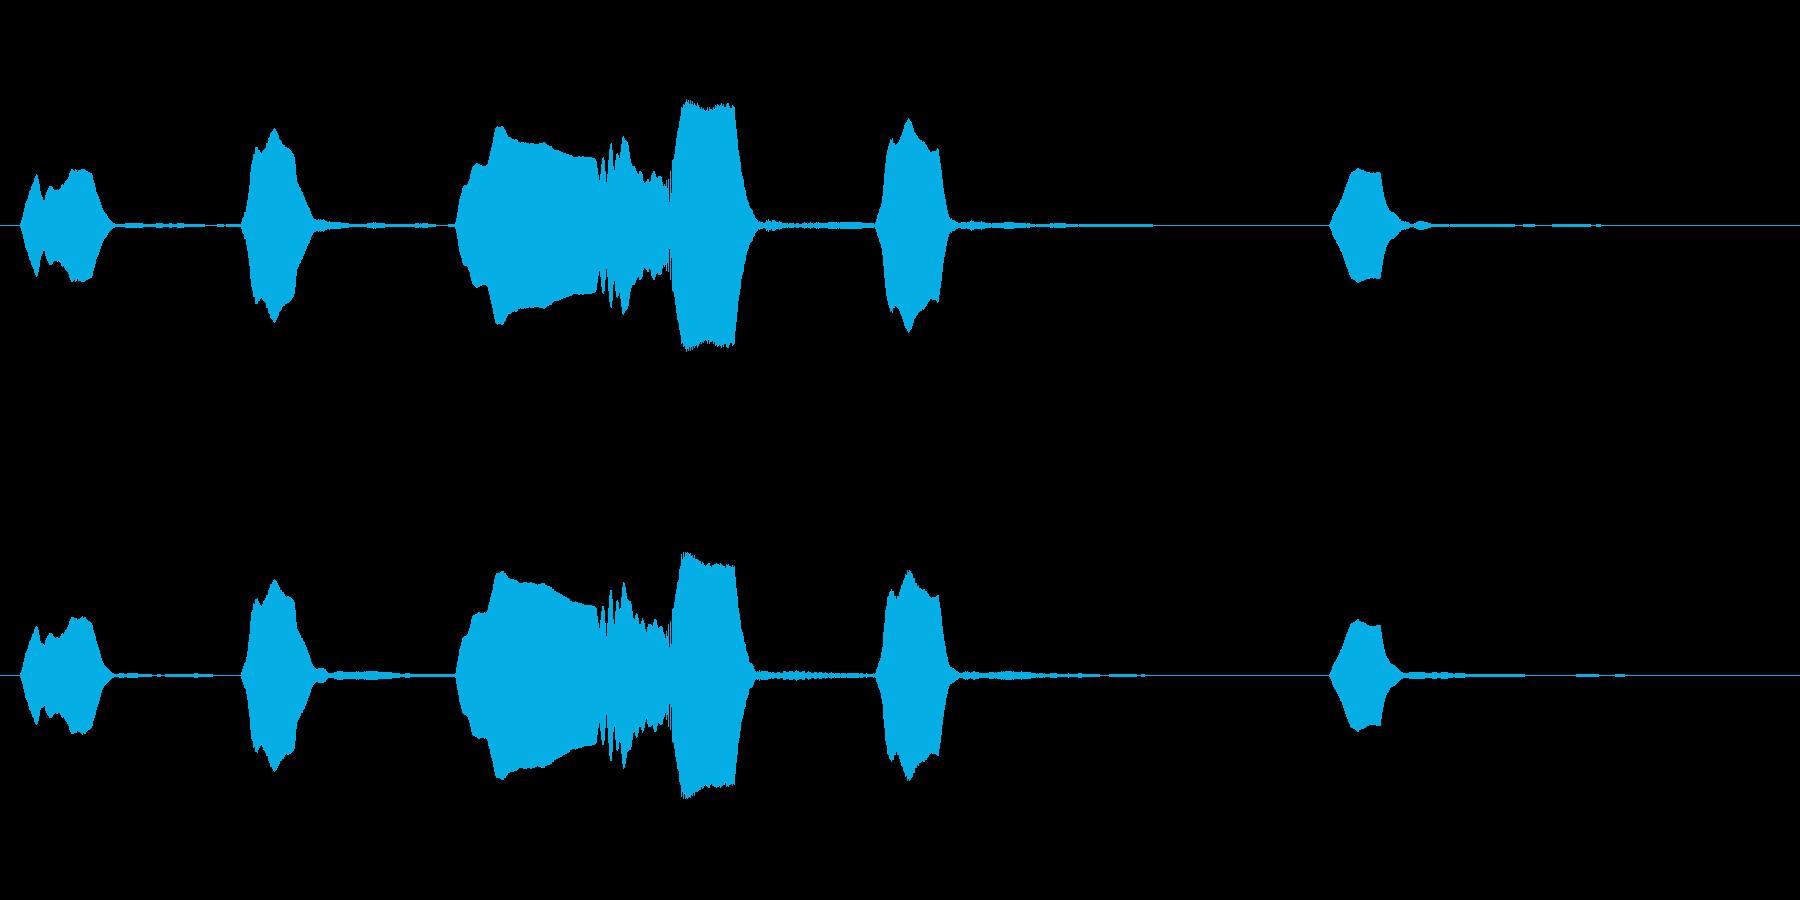 ジングル リコーダー ほのぼの のんびりの再生済みの波形